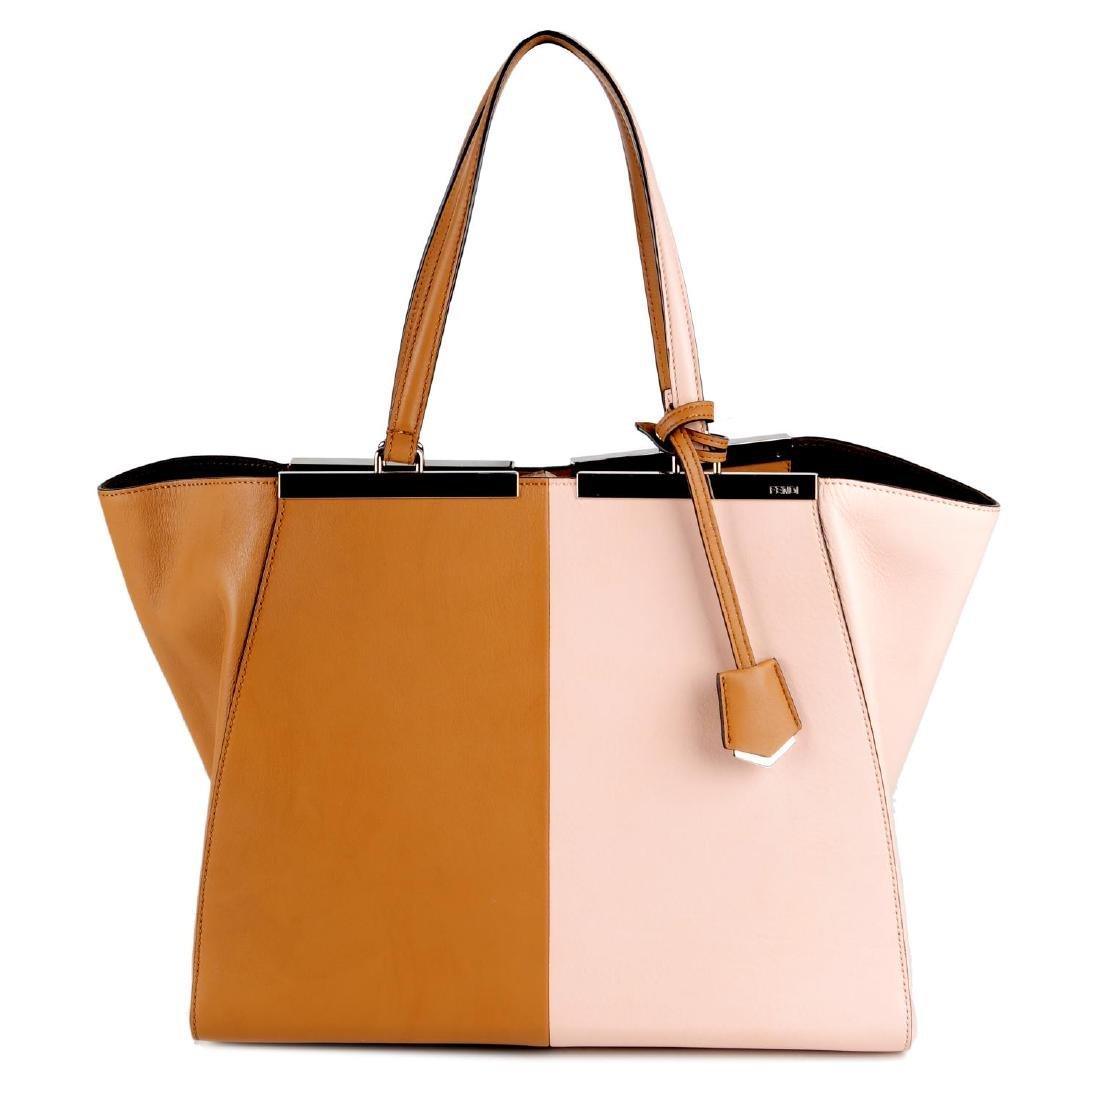 FENDI - a leather bicolour 3Jours handbag. Designed